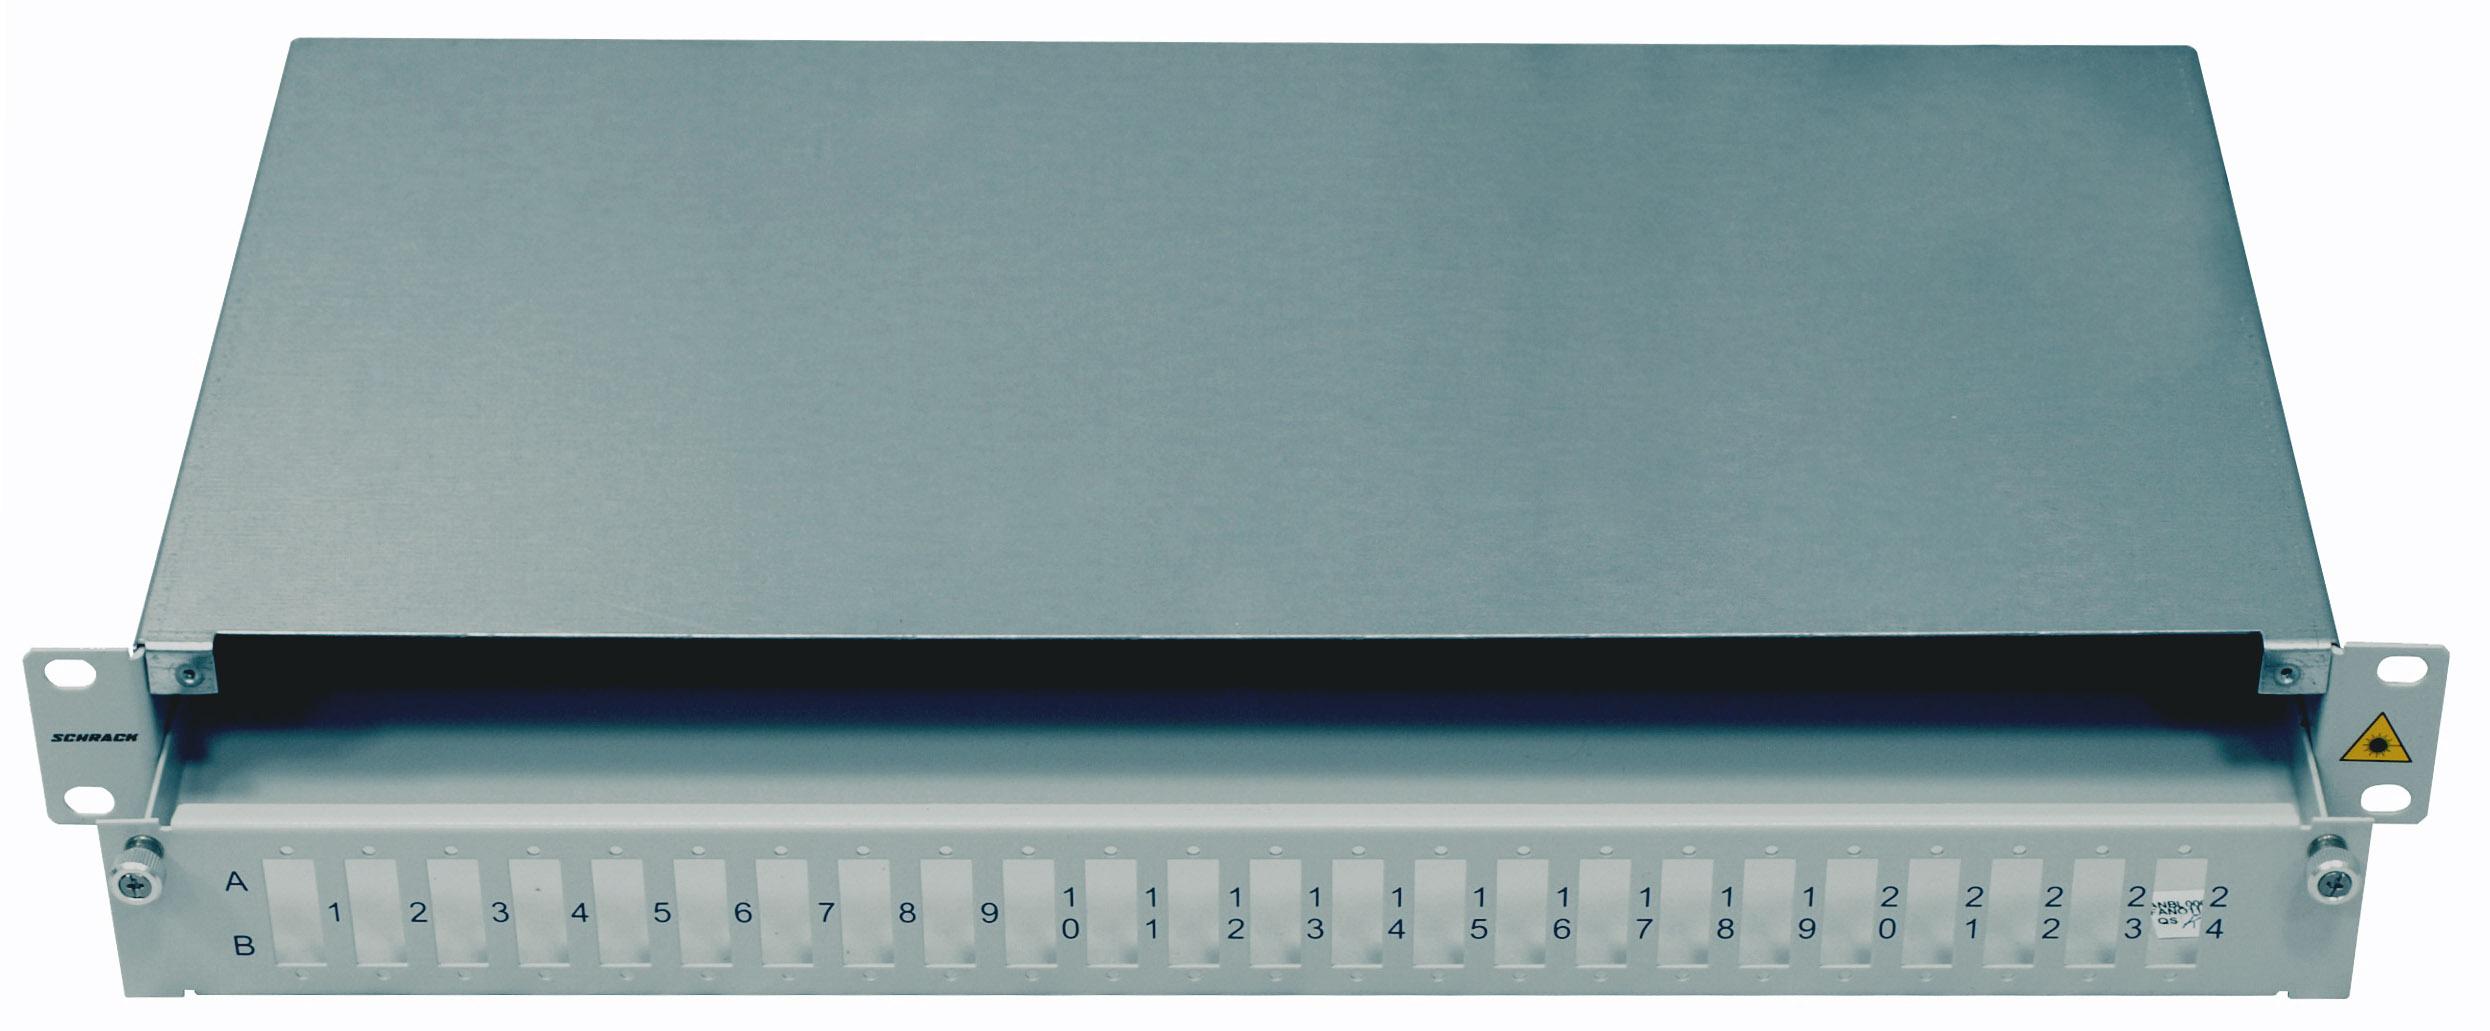 1 Stk LWL Spleißbox leer für 24 SC-Duplex Kupplungen, 1HE, RAL7035 HSELS480CG